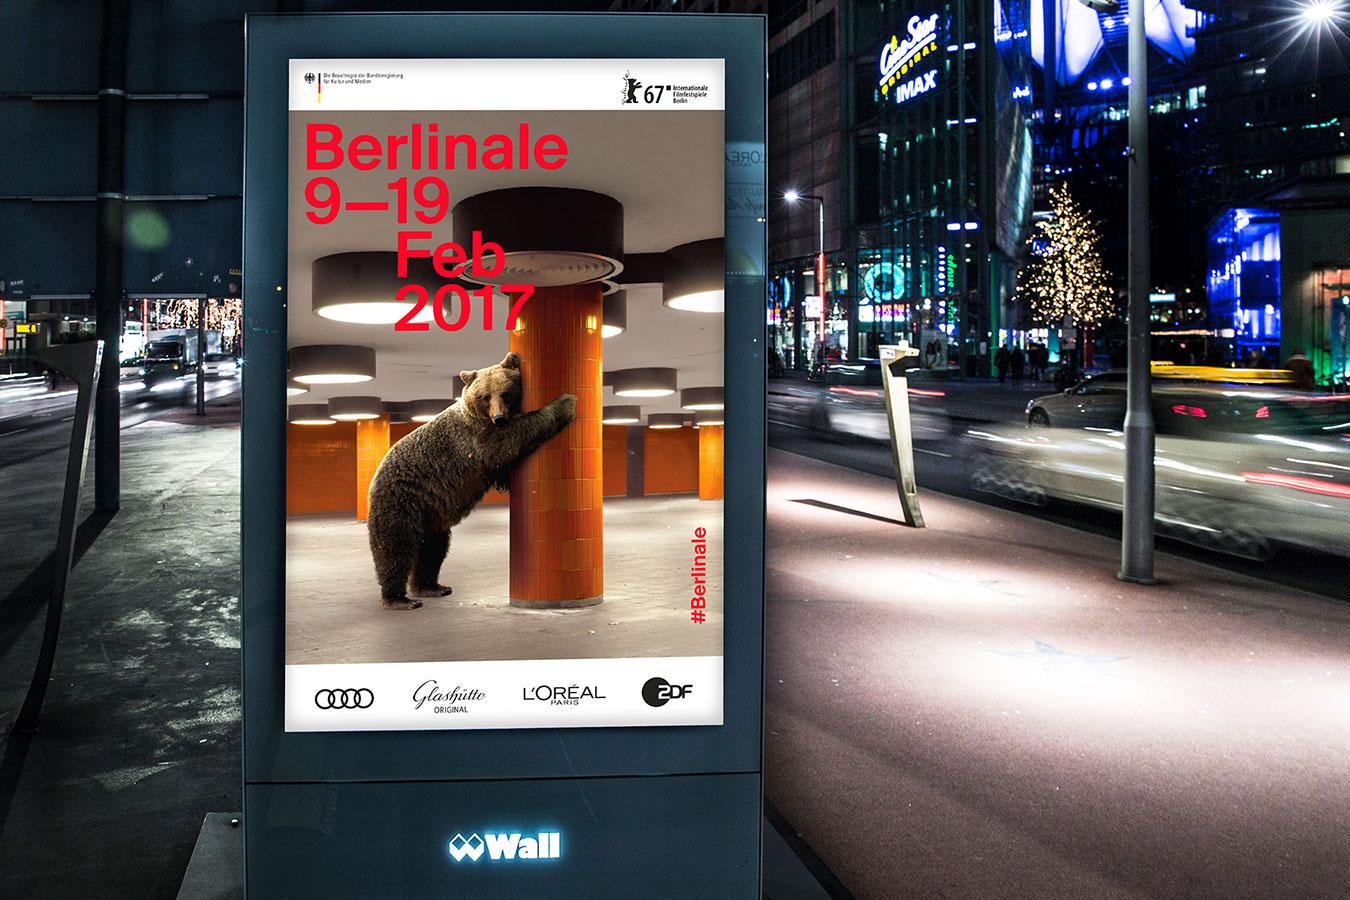 Berlinale 2017 Keyvisual Plakat Werbung